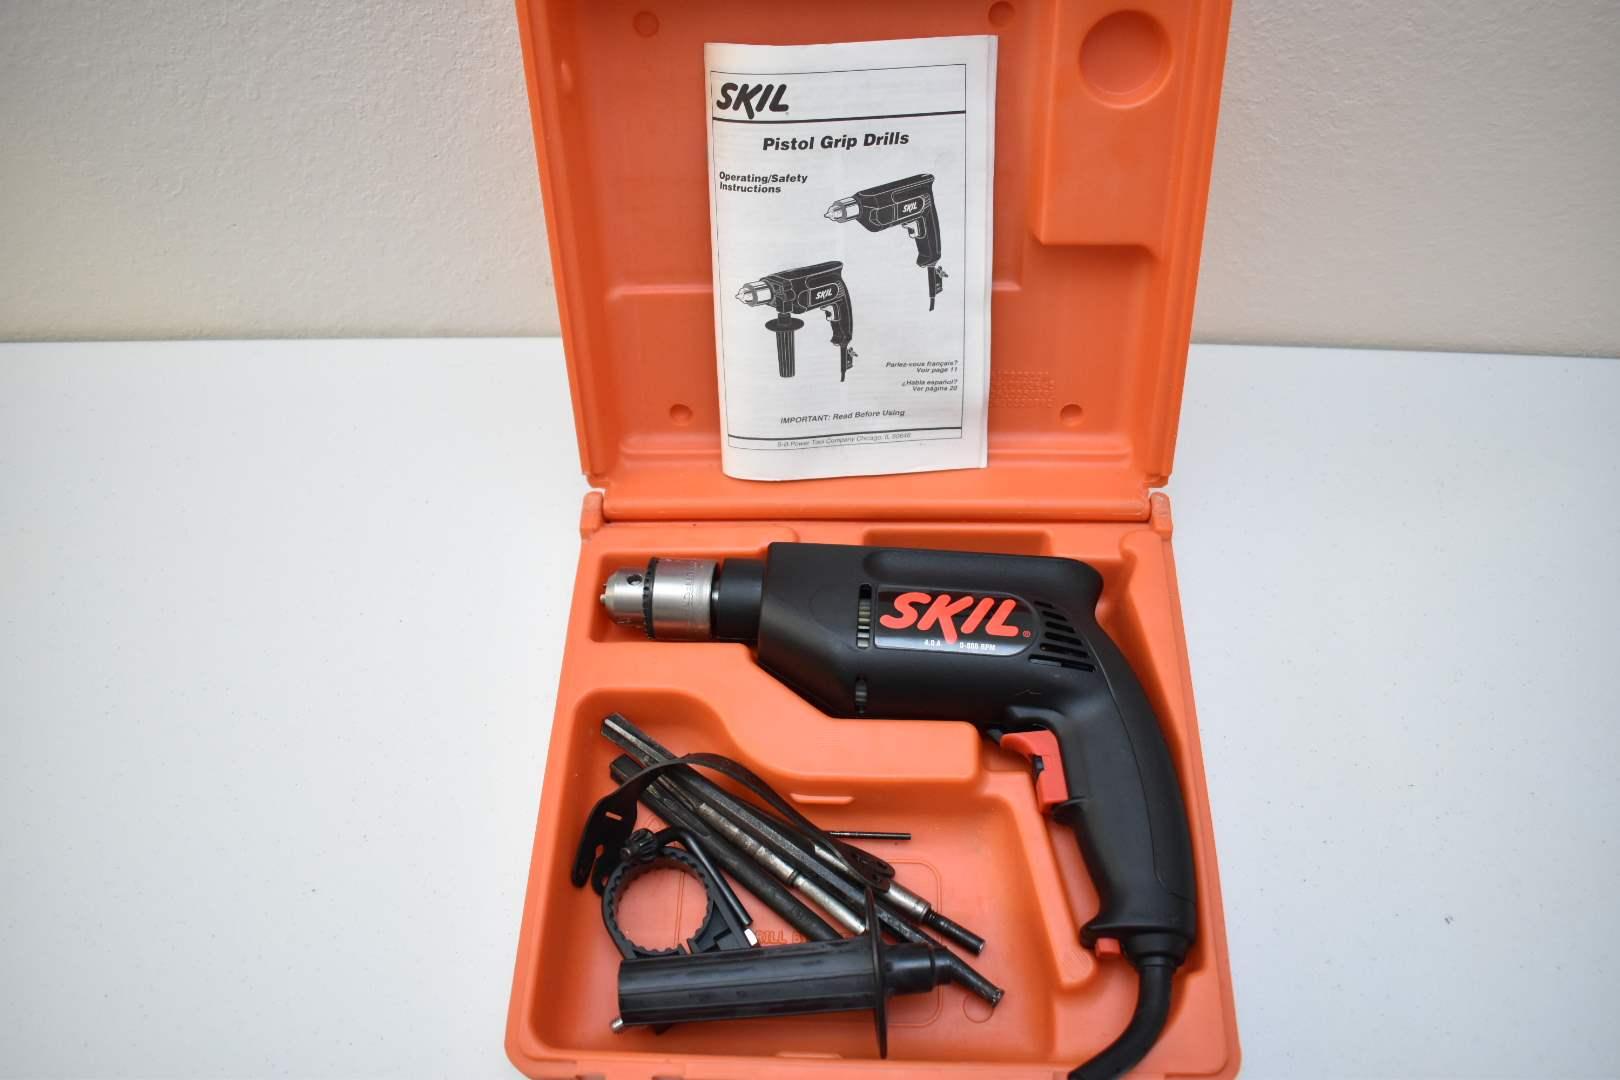 Skil Pistol Grip Drill